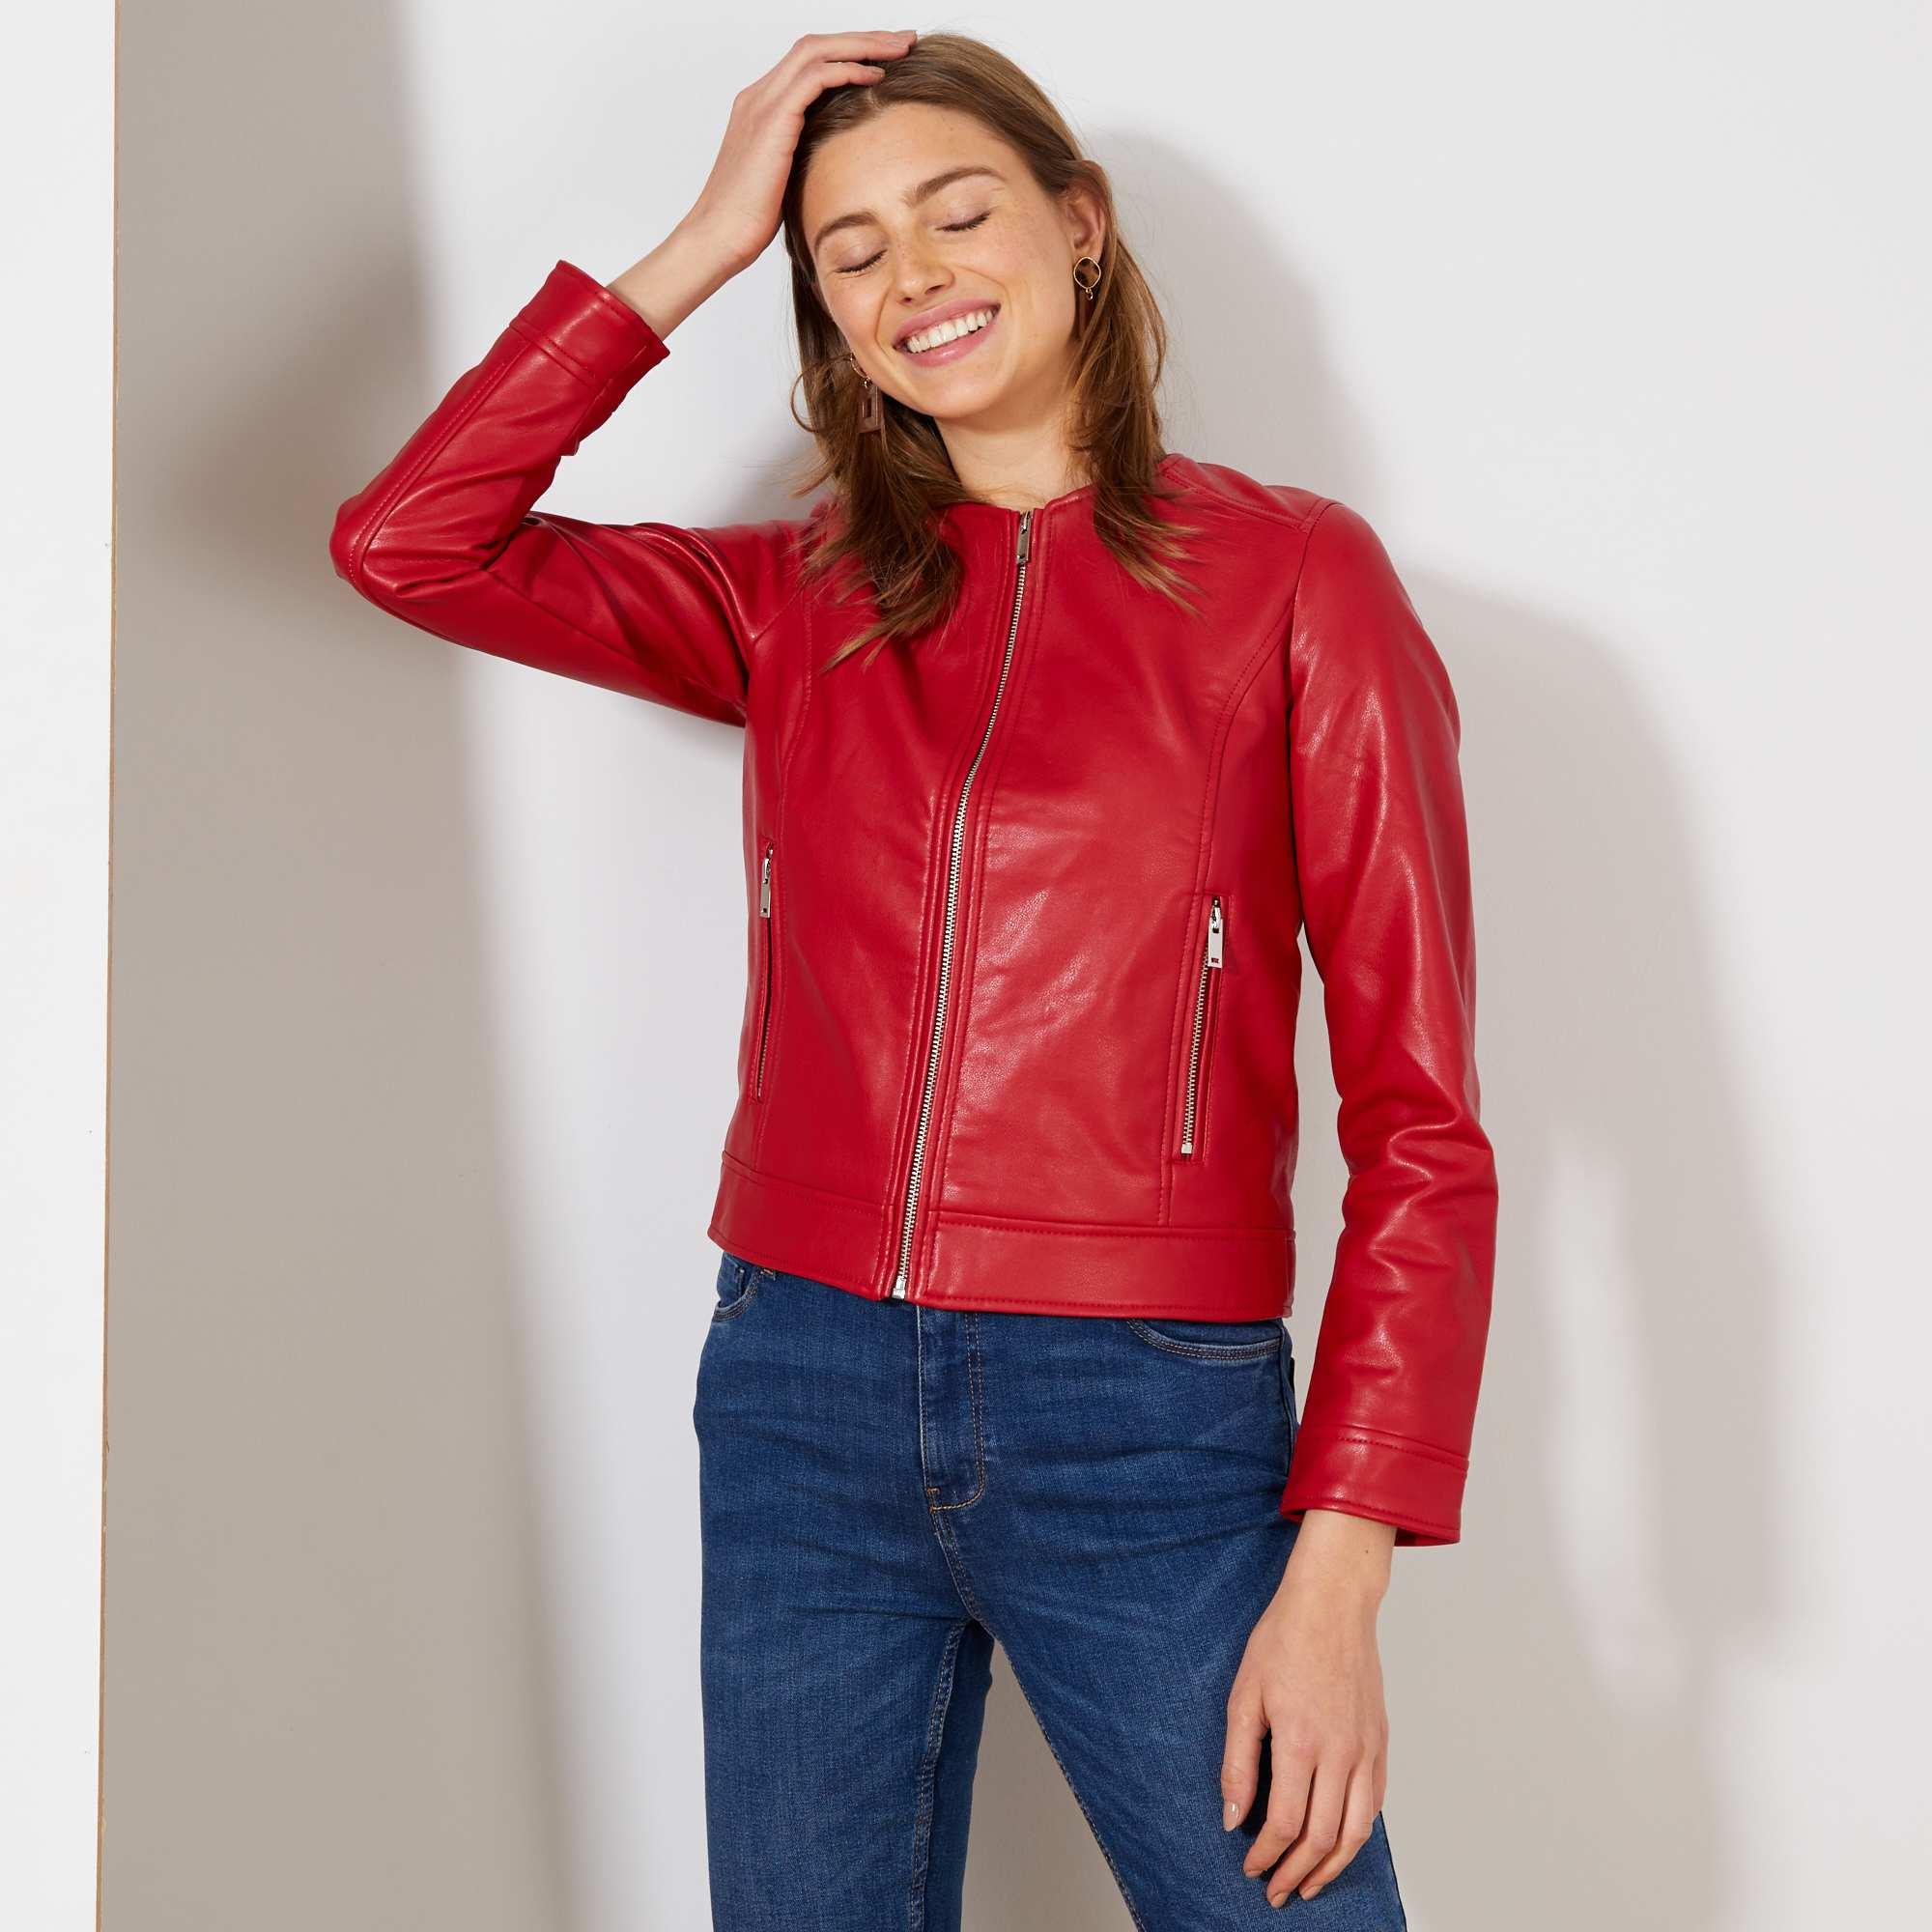 d3e7204be5 Blouson zippé en simili Femme - rouge - Kiabi - 18,00€